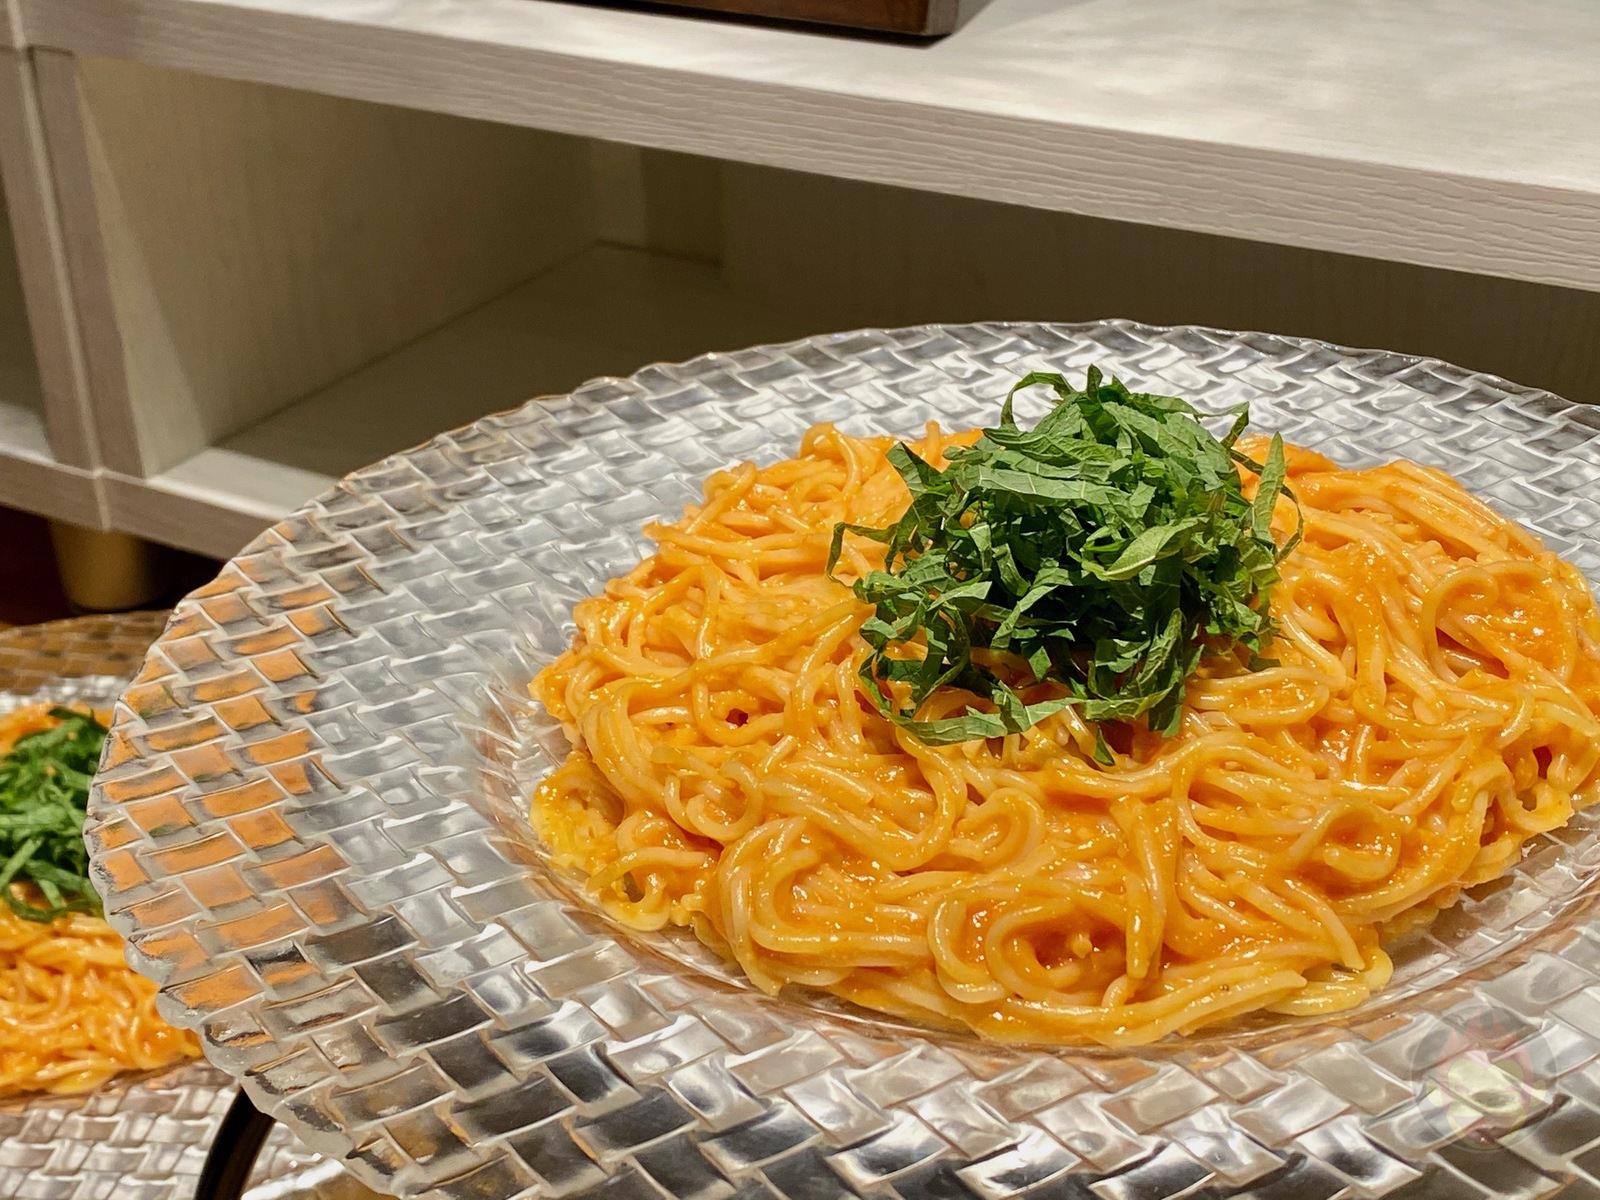 Hoshino Resonale Atami Dinner Buffet 11